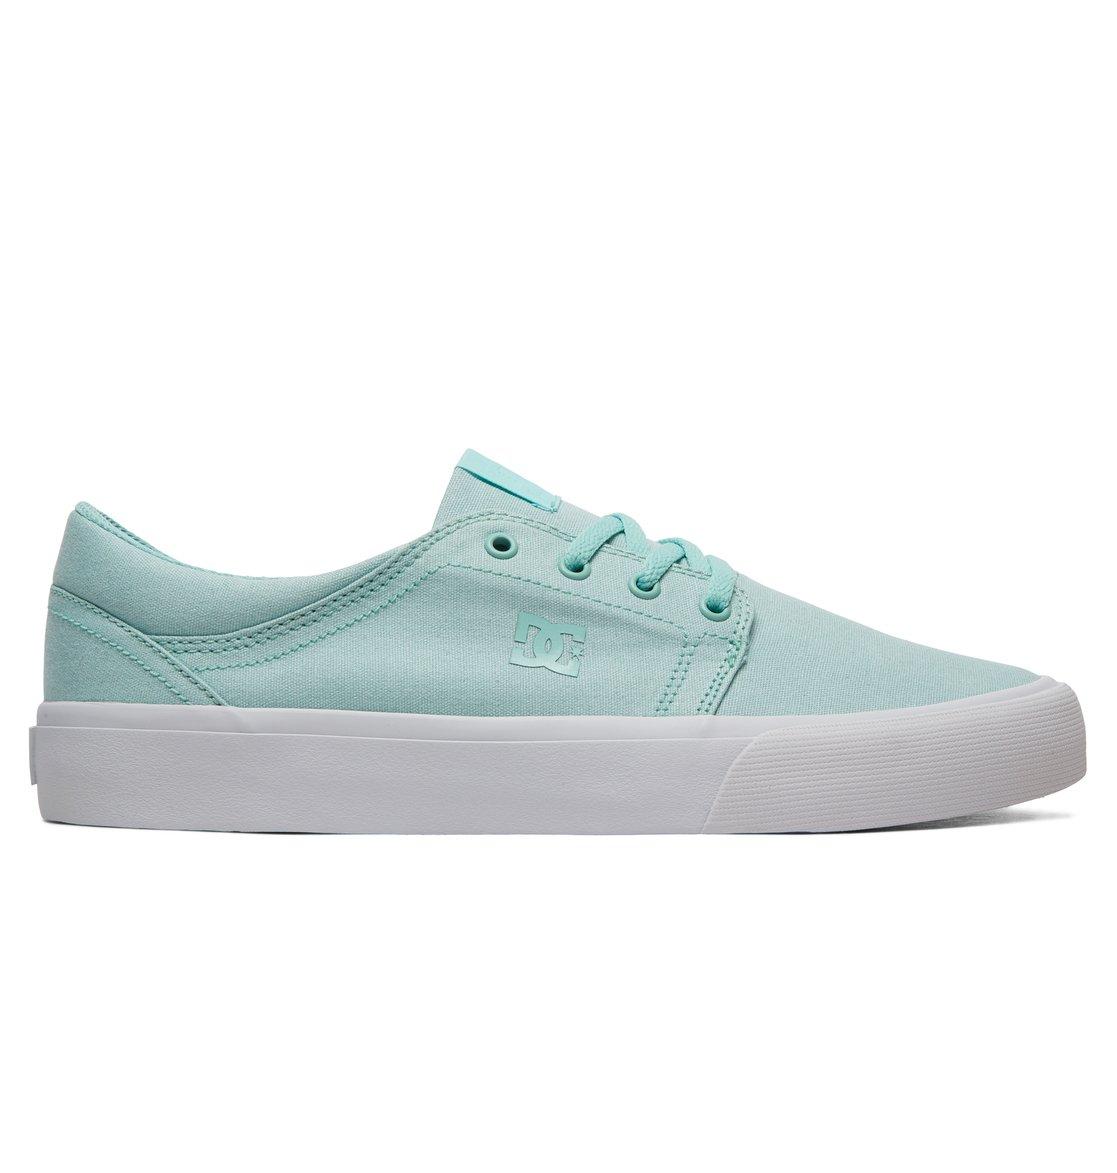 Shoes Da Trase Uomo Dc Tx Adys300126 Scarpe wxSqCFO4B